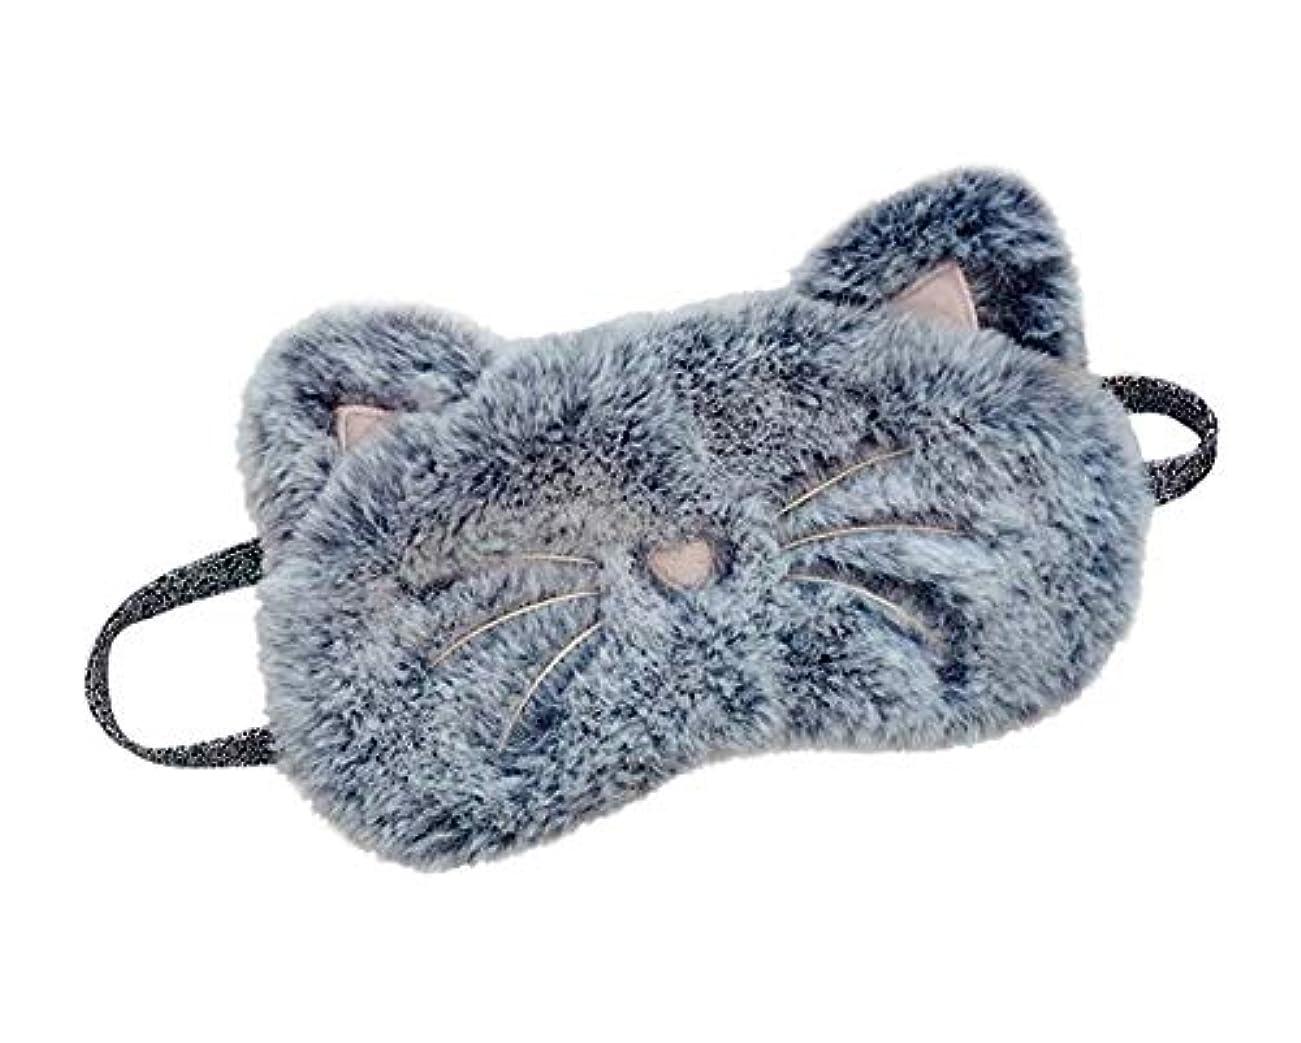 責任者トロピカル最少かわいい動物漫画猫睡眠アイマスクソフトアイカバー目隠しマスク